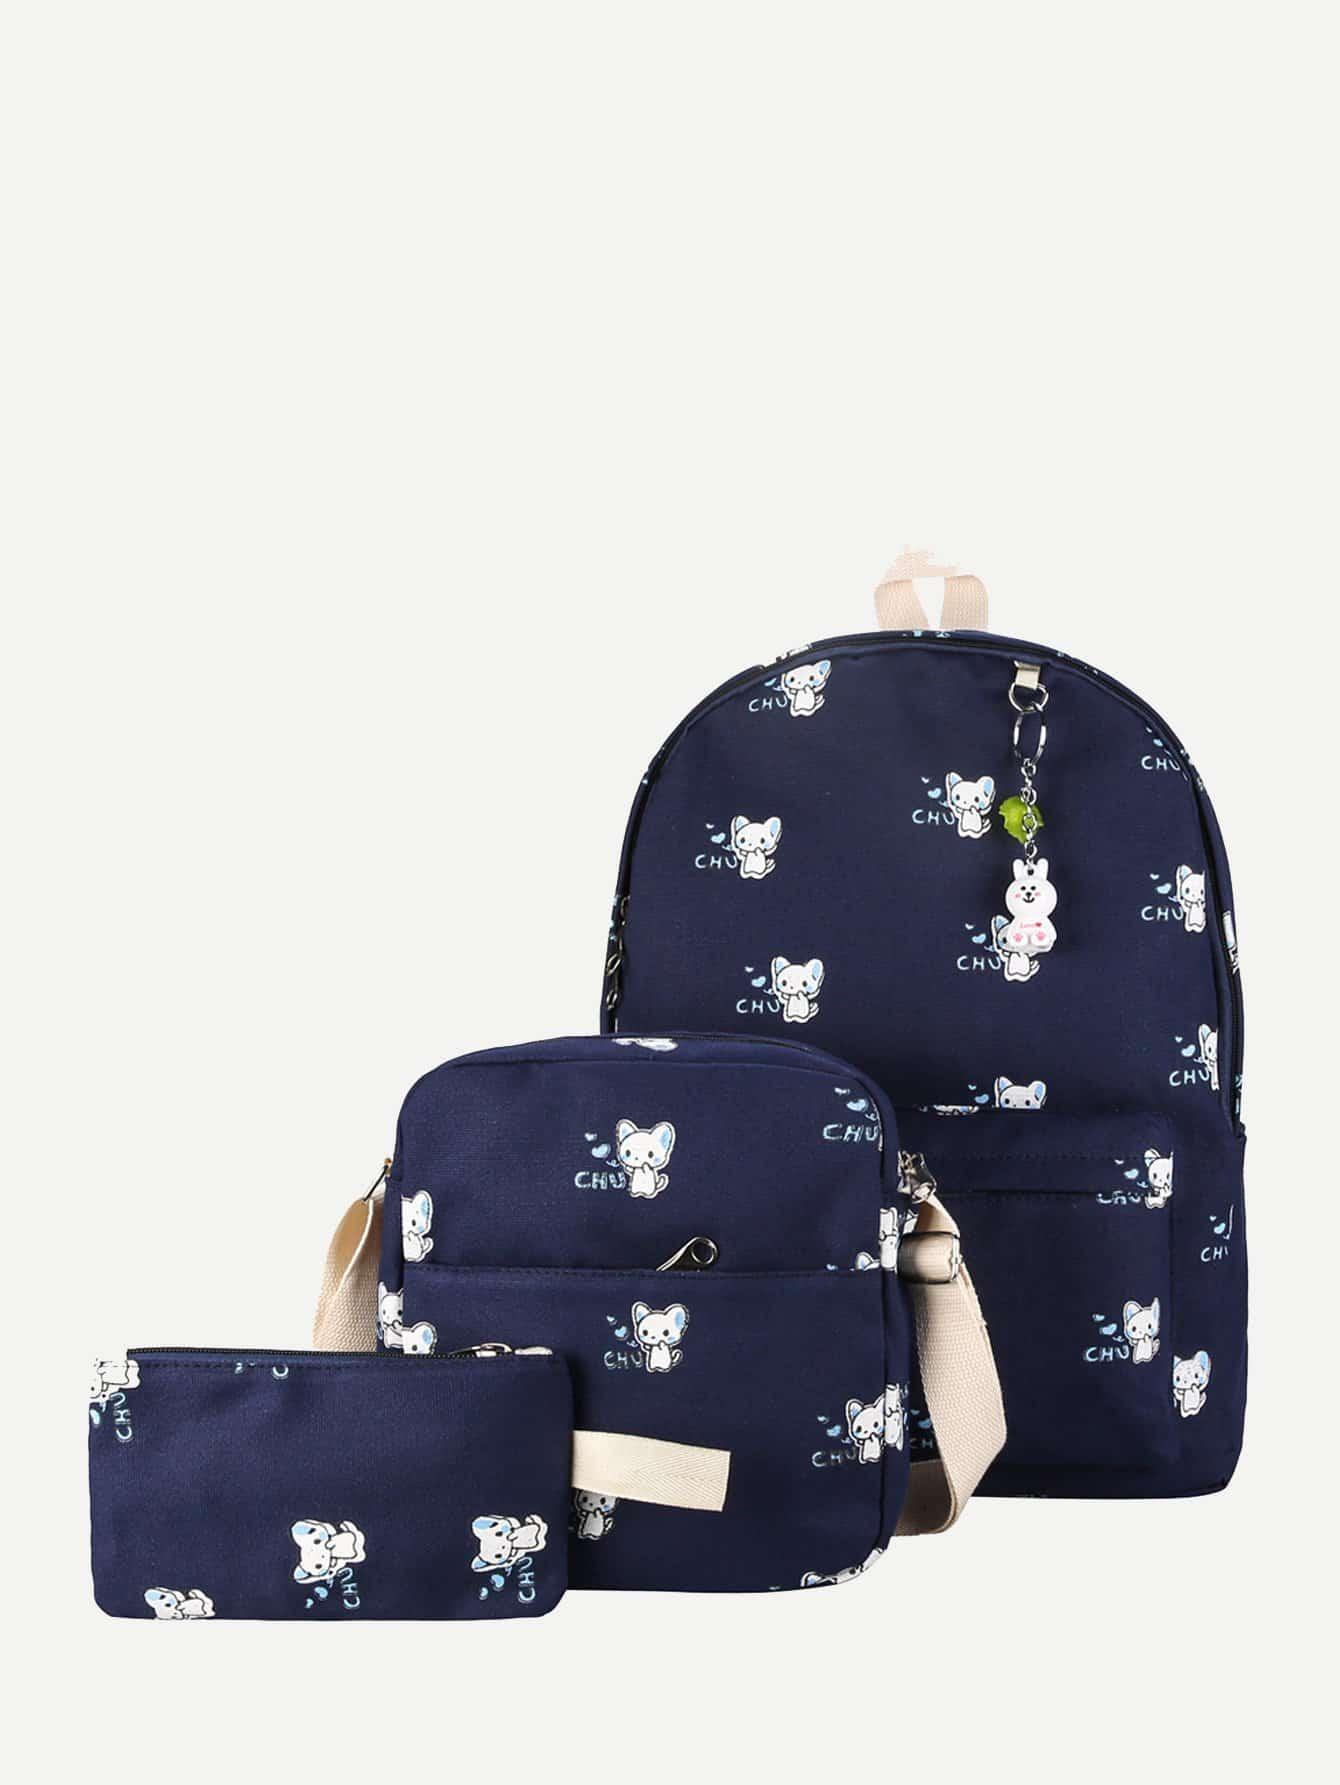 Рюкзак с рисунками животных и с внутренной сумкой 3 шт, null, SheIn  - купить со скидкой